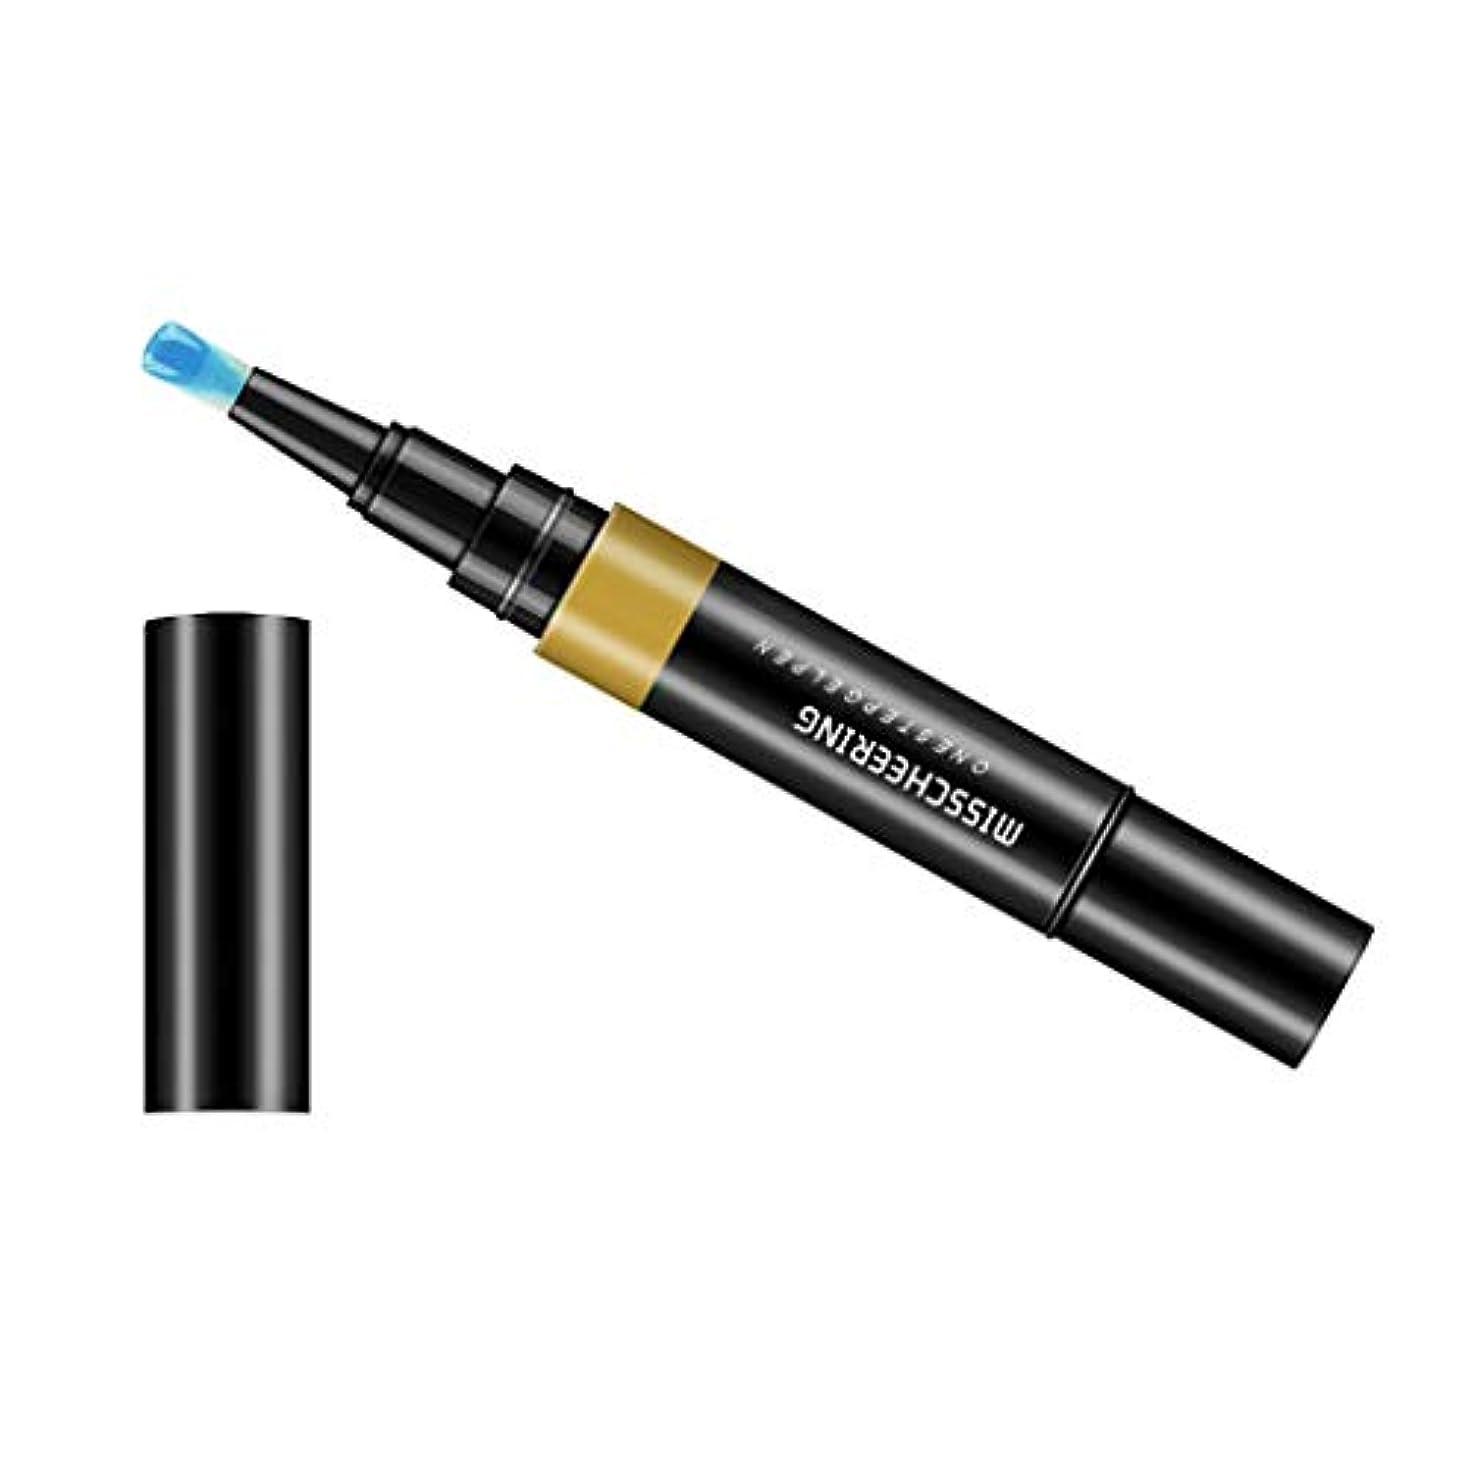 何もない凍結ポンペイCUTICATE ネイルアートペン マニキュアペン セルフネイル 3 イン 1 カラージェル ネイルデザイン ジェルネイル - ブルー